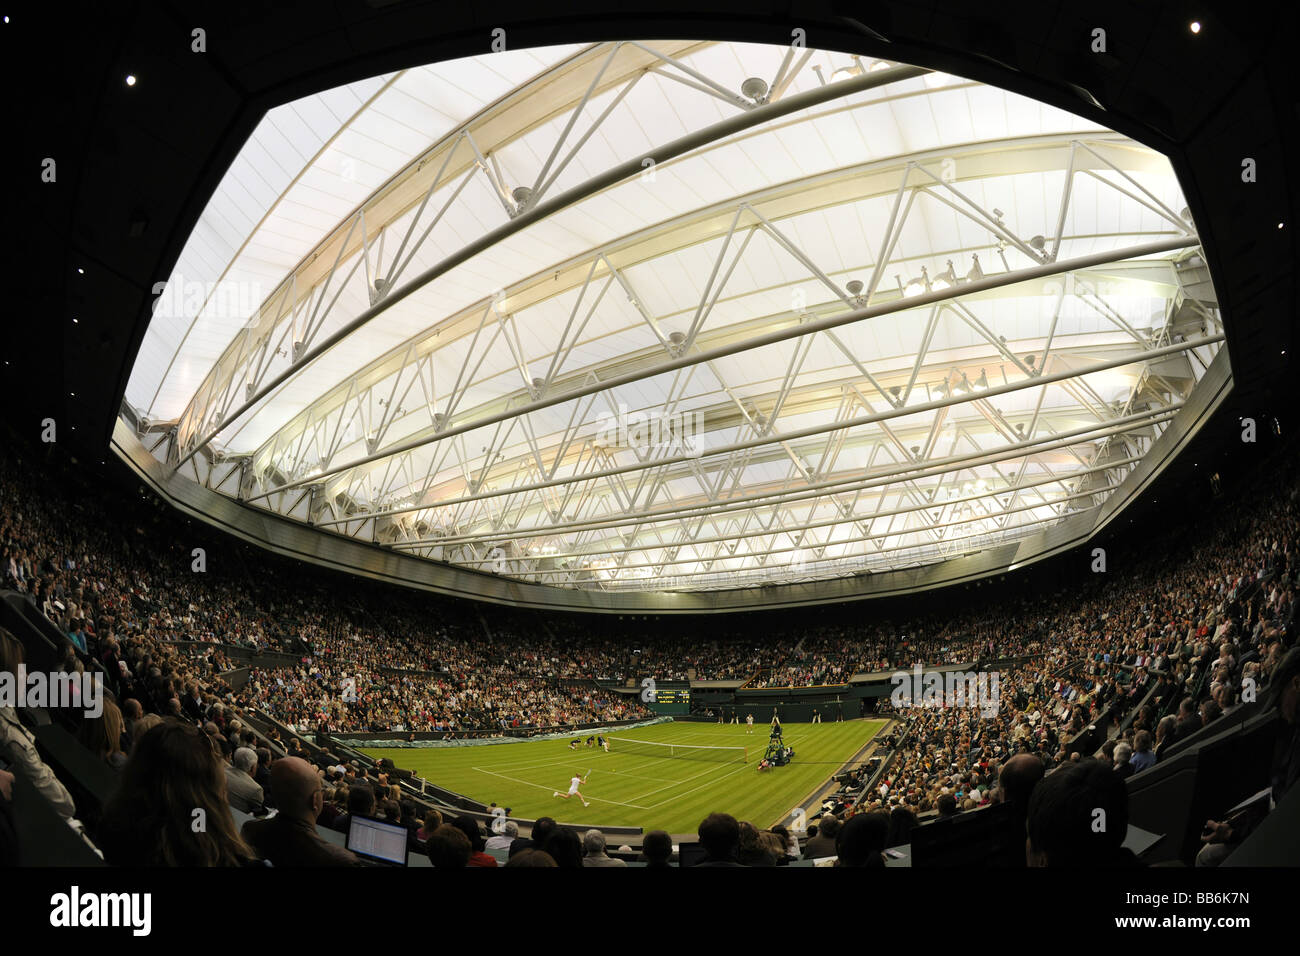 Vista de jugar en la pista central bajo el nuevo techo escamoteable durante la celebración de la pista central Imagen De Stock